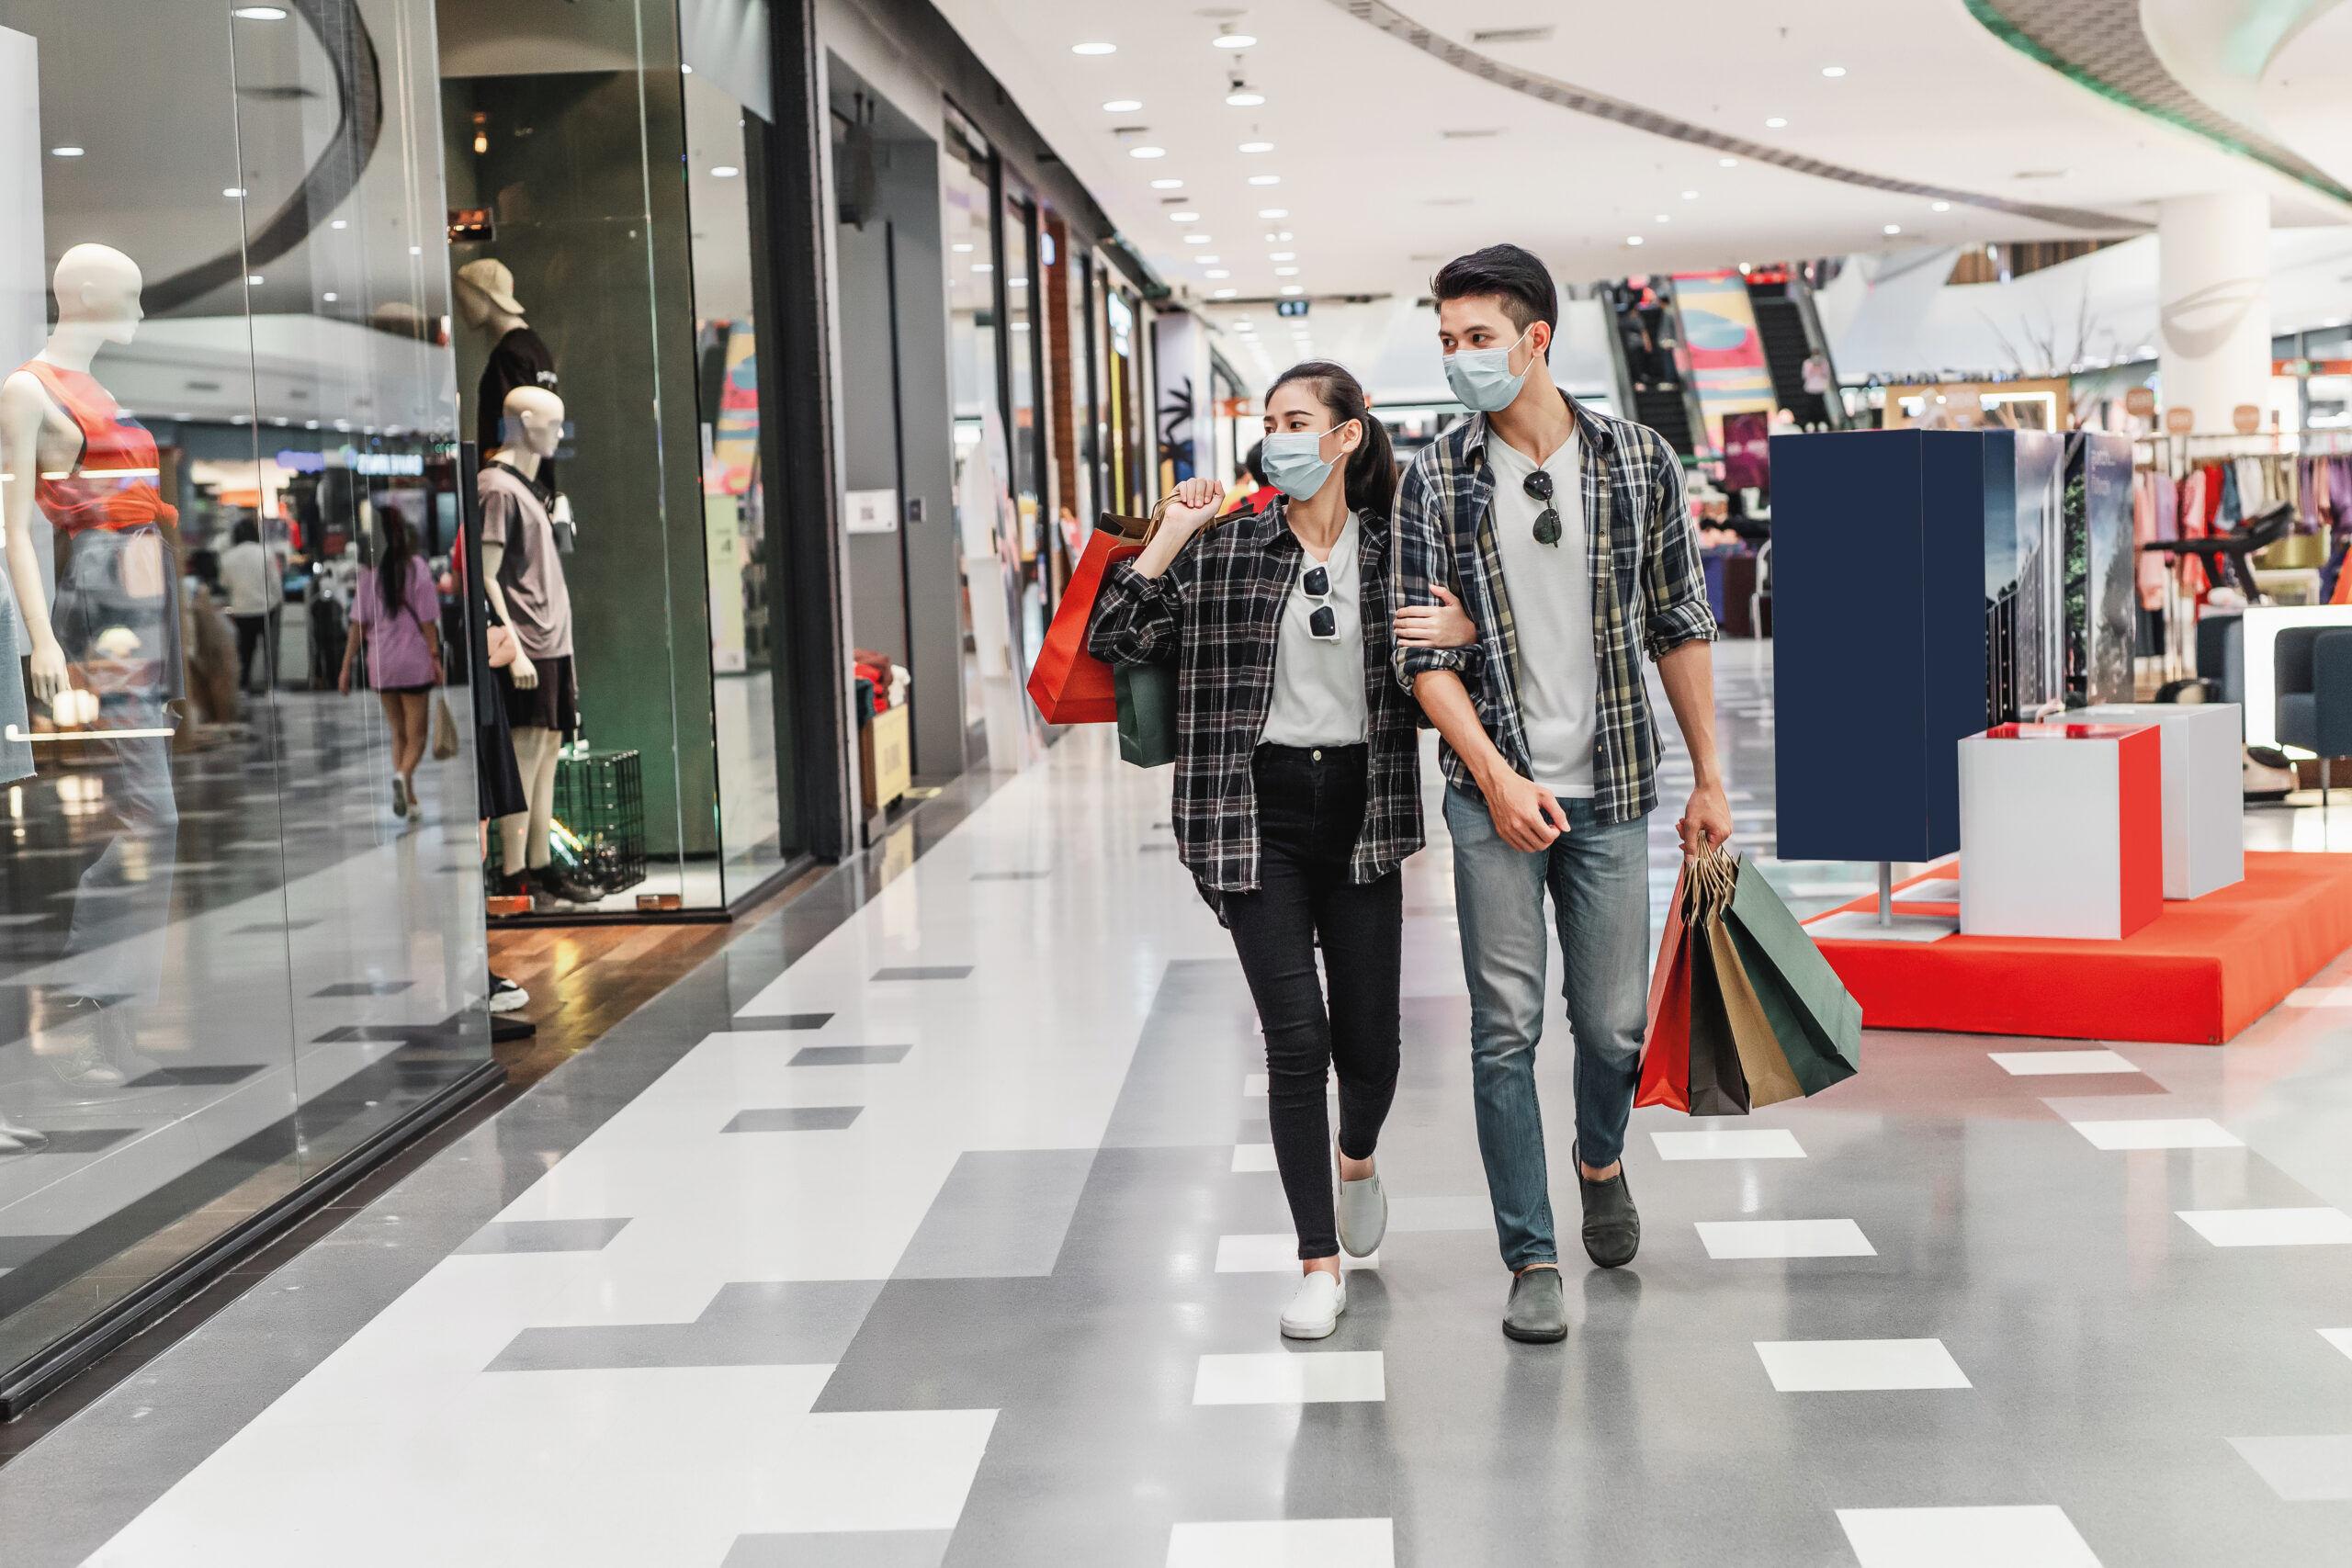 evolucion-de-los-centros-comerciales-post-covid-y-comercio-digital-3-alt.jpg